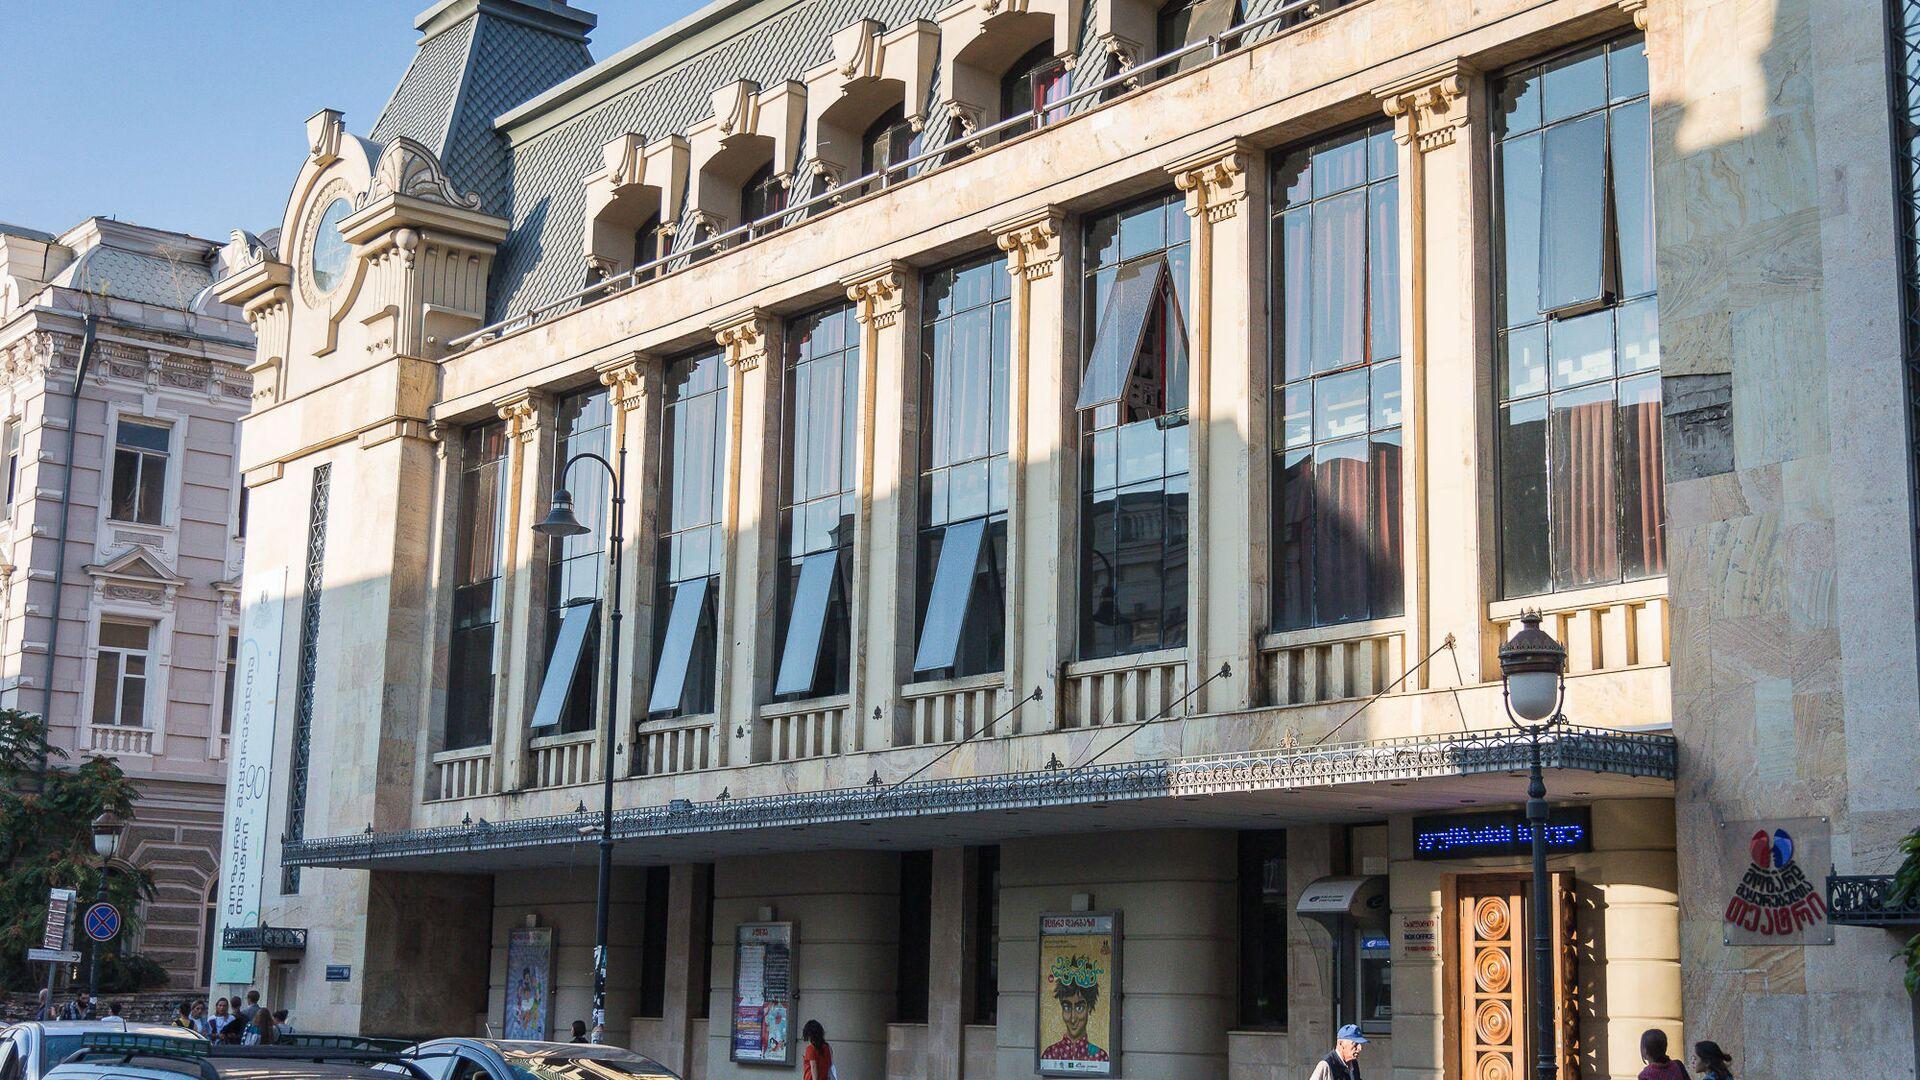 Театр юного зрителя имени Нодара Думбадзе в Тбилиси - Sputnik Грузия, 1920, 06.04.2021